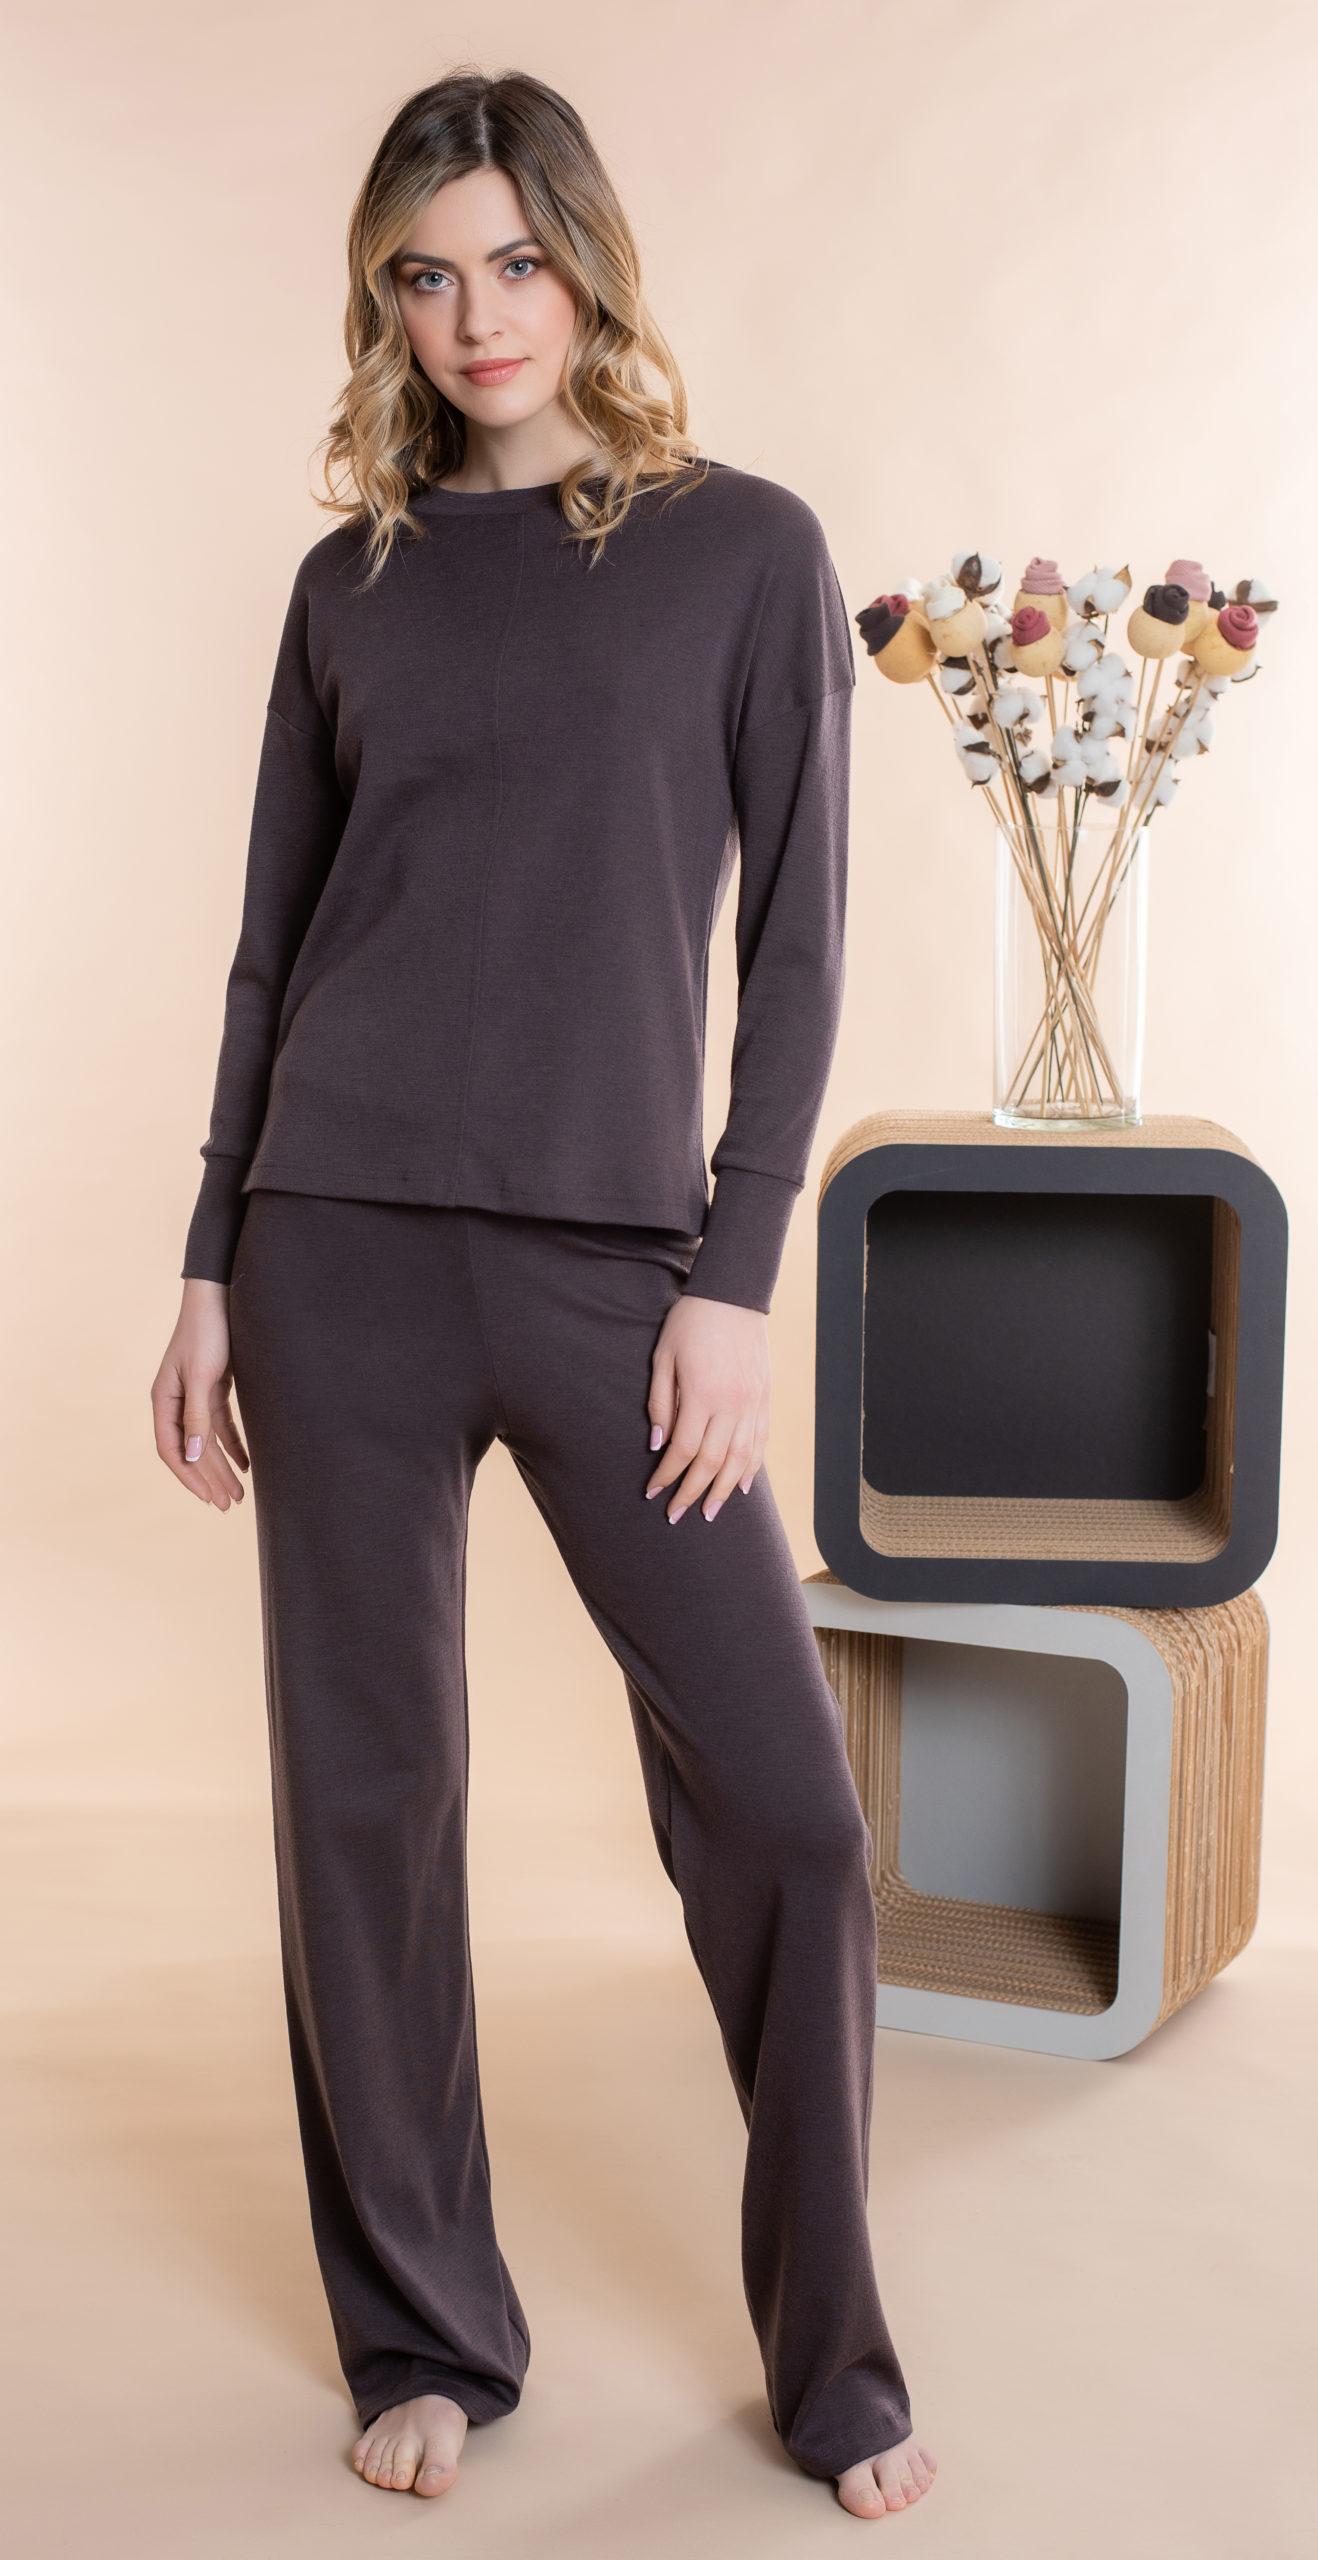 art. 5871 - 5871 pantalone